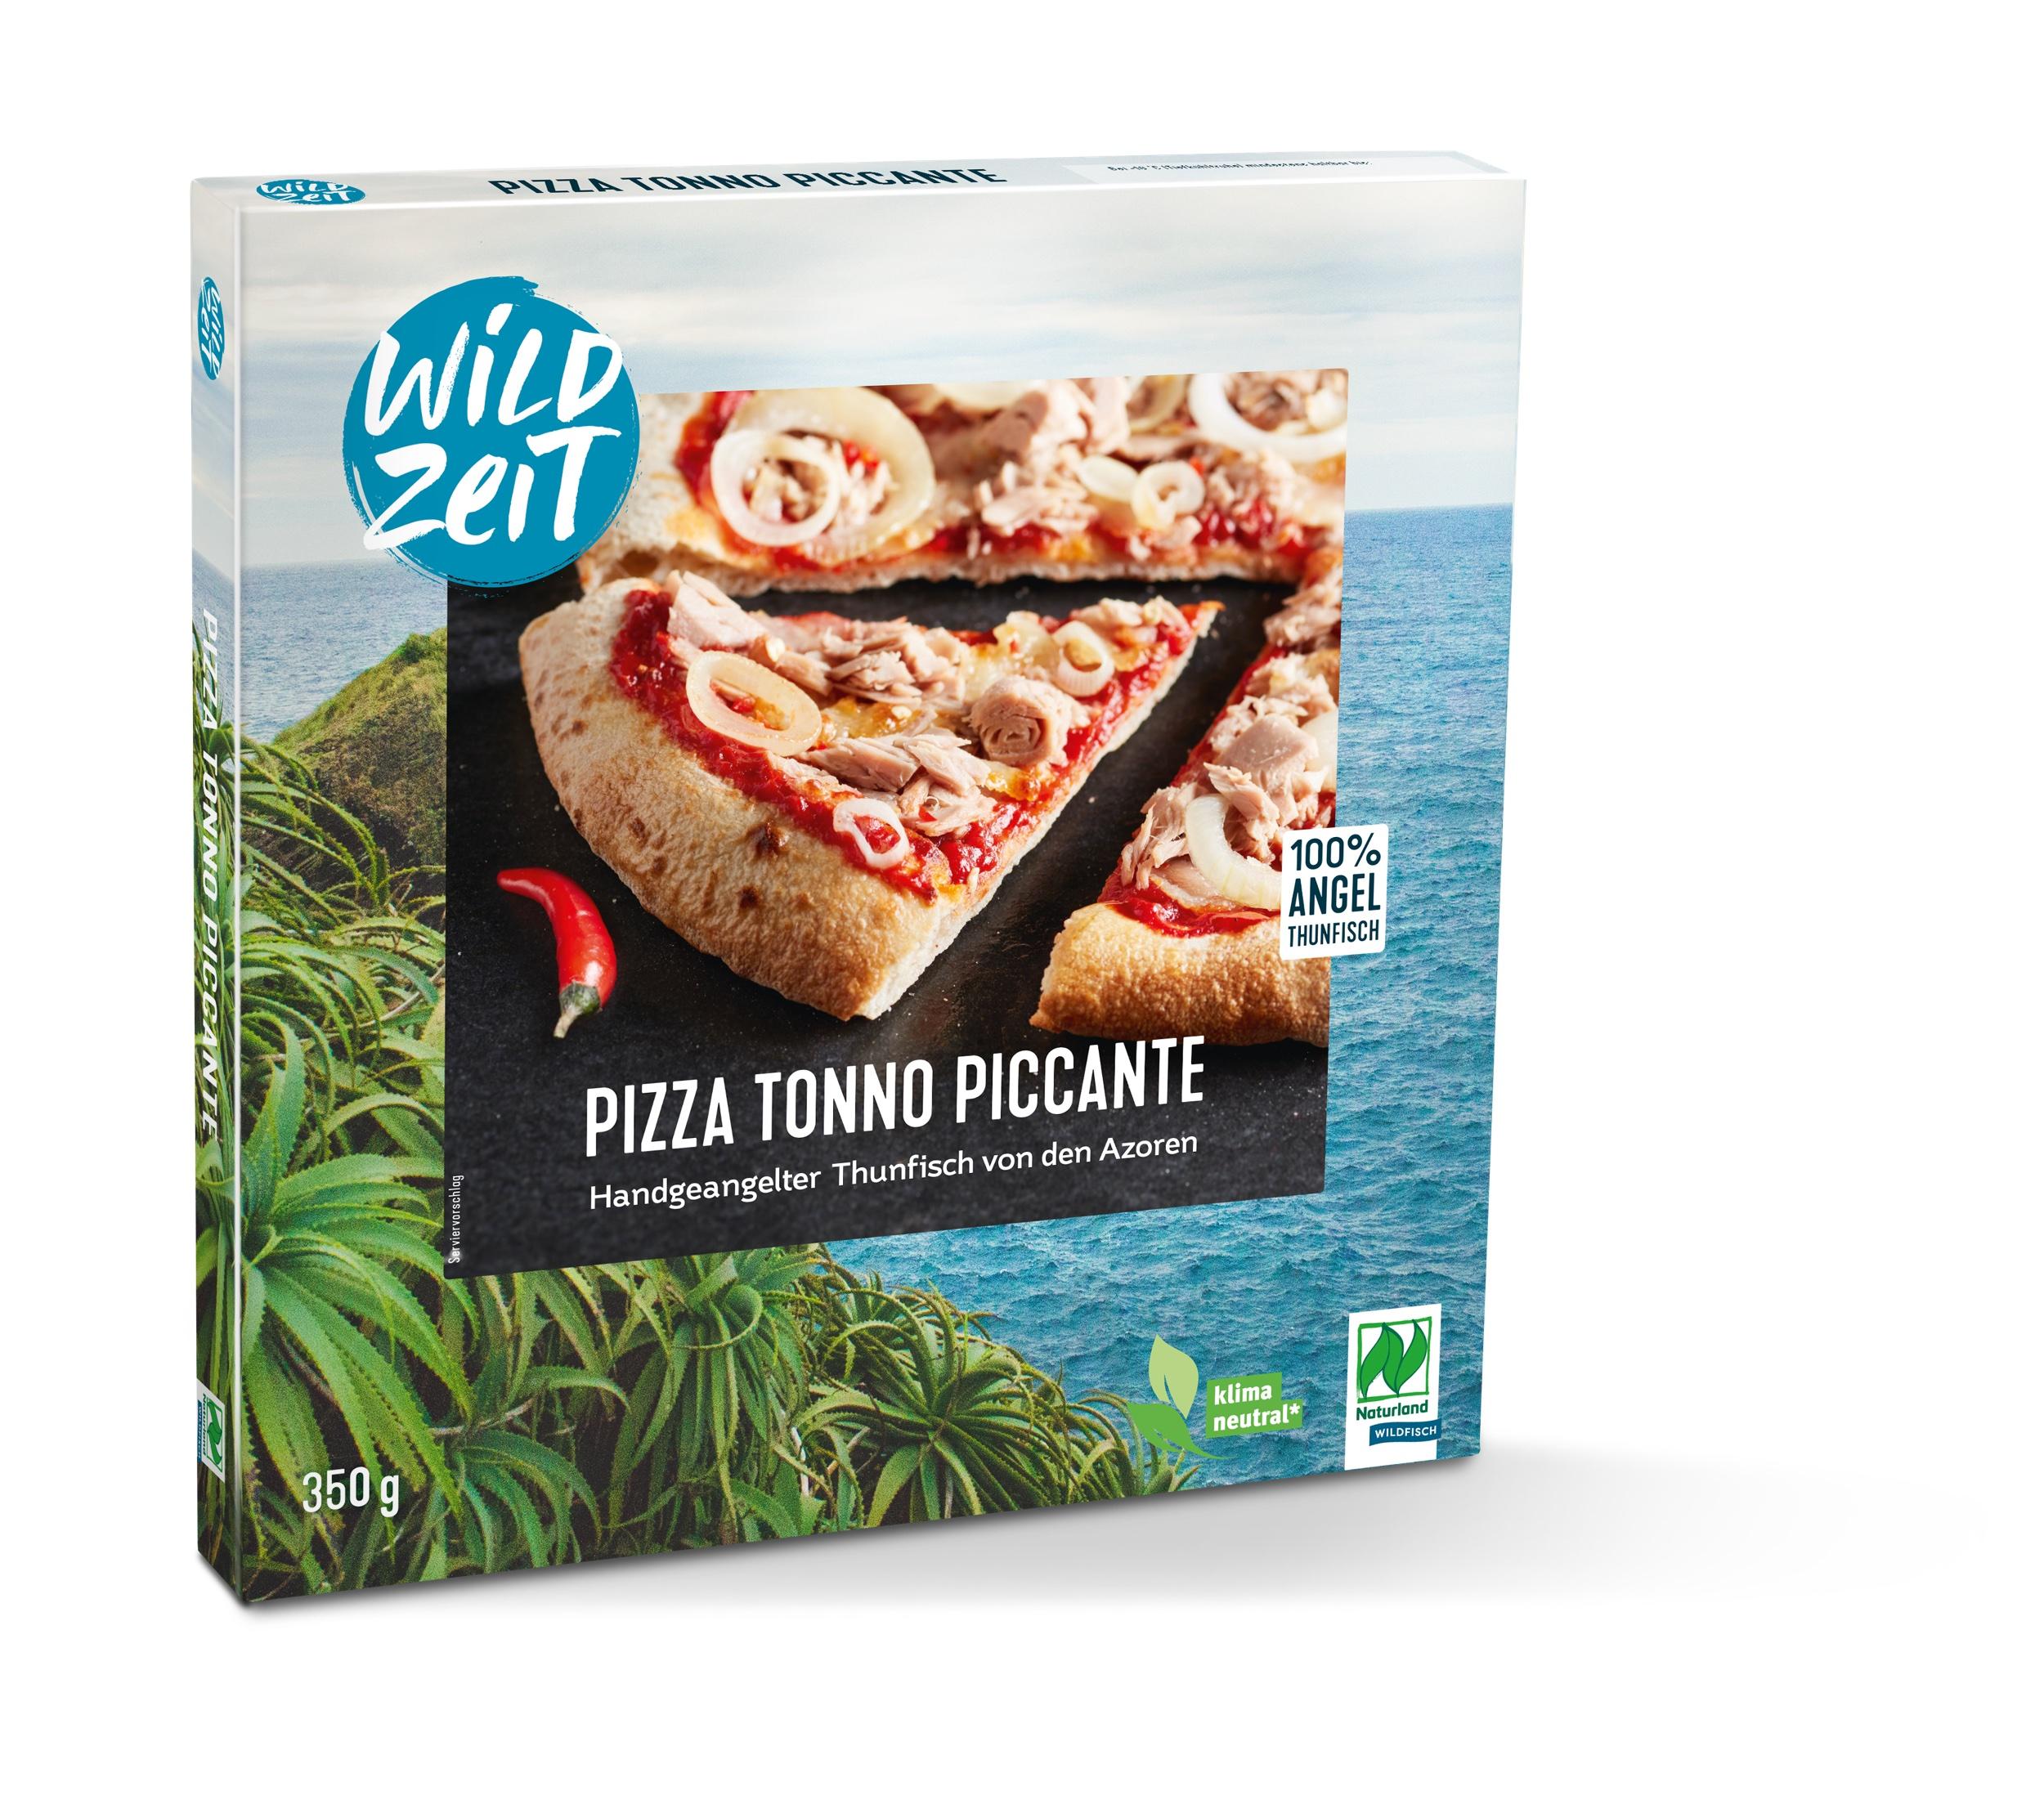 Wildzeit_Pizza